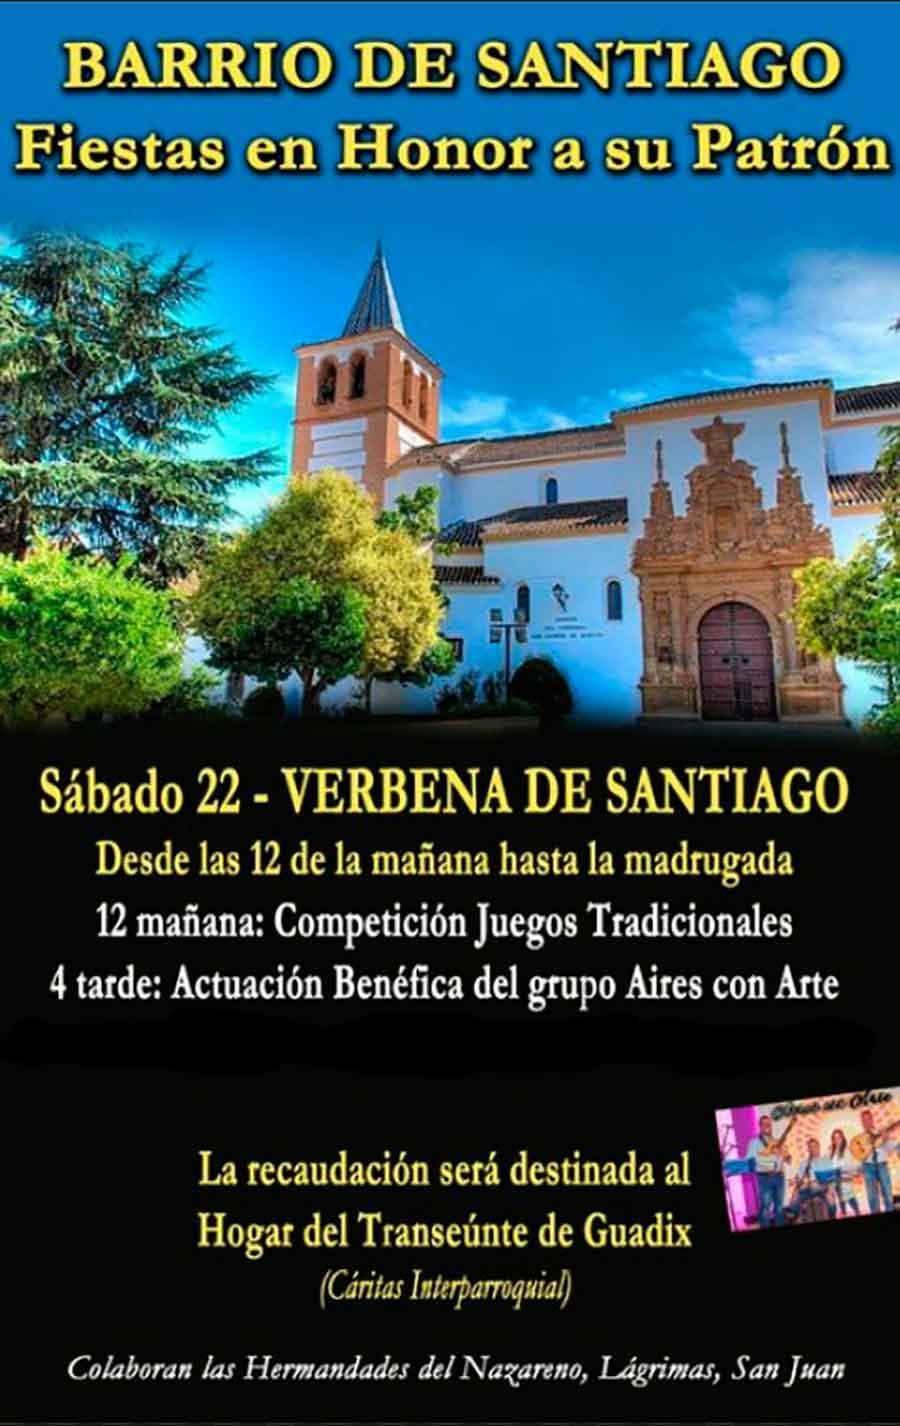 Fiestas en honor a Santiago apostol en Guadix